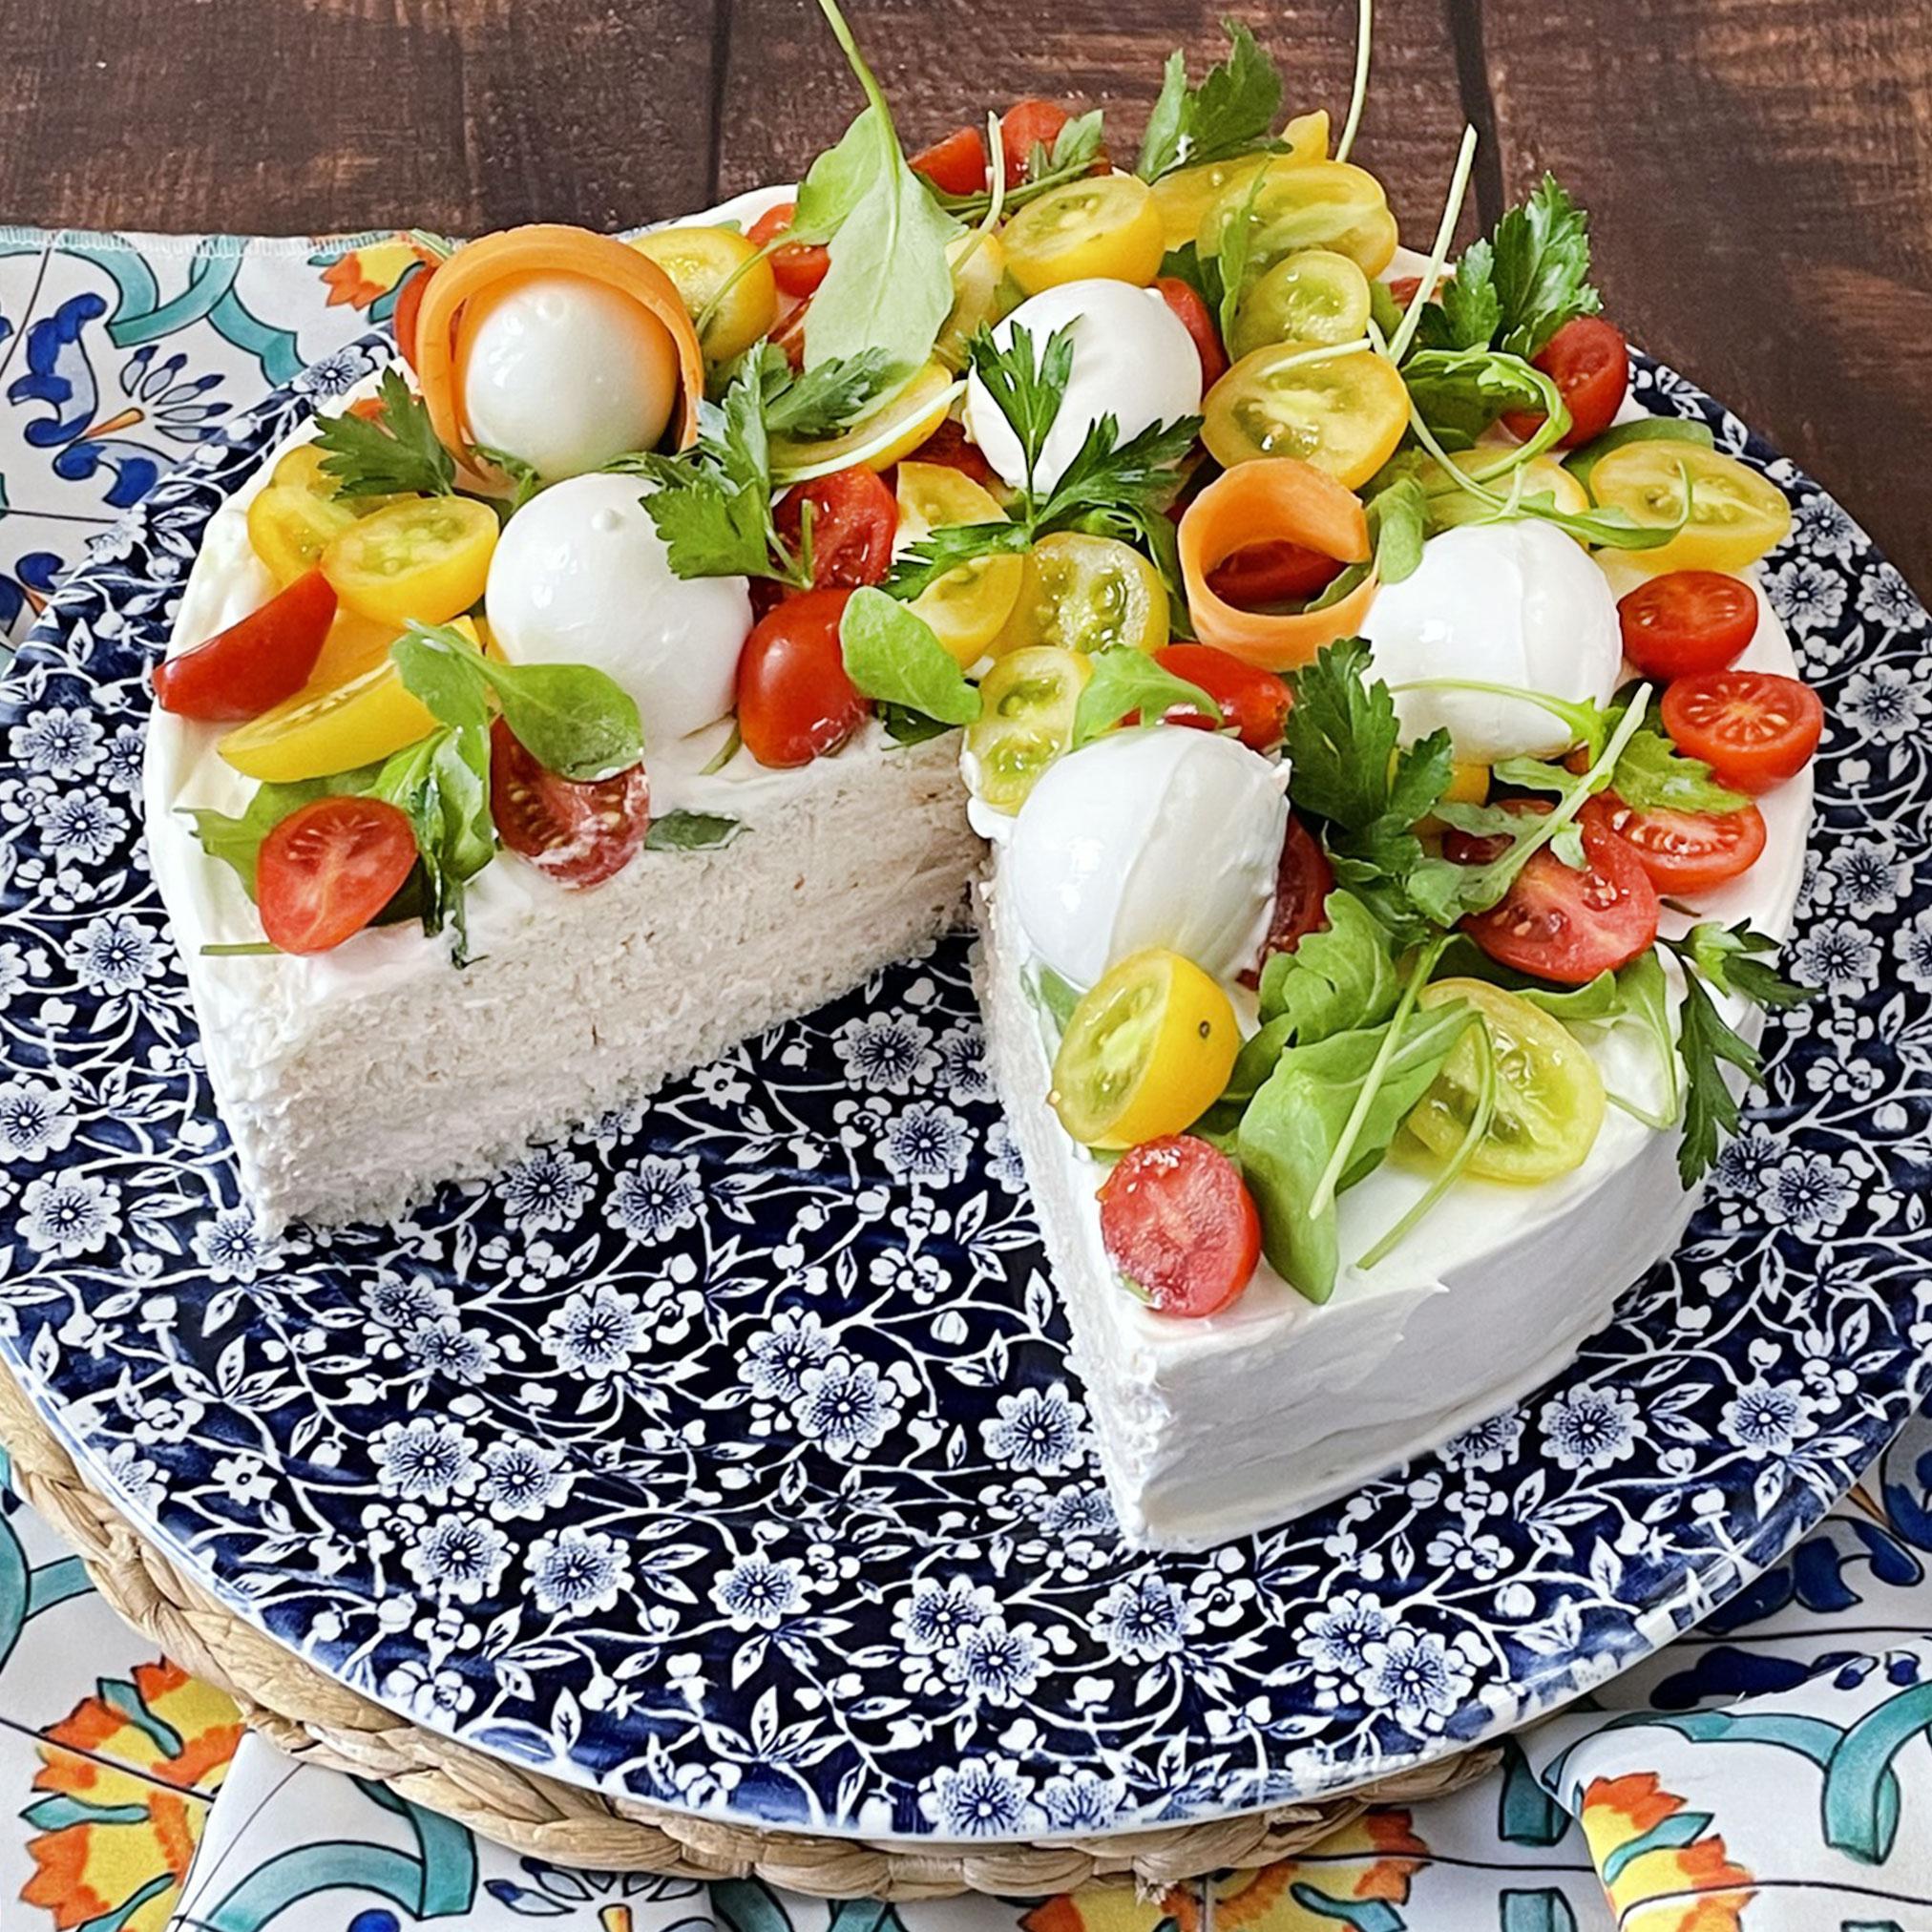 torta_tramezzino_w